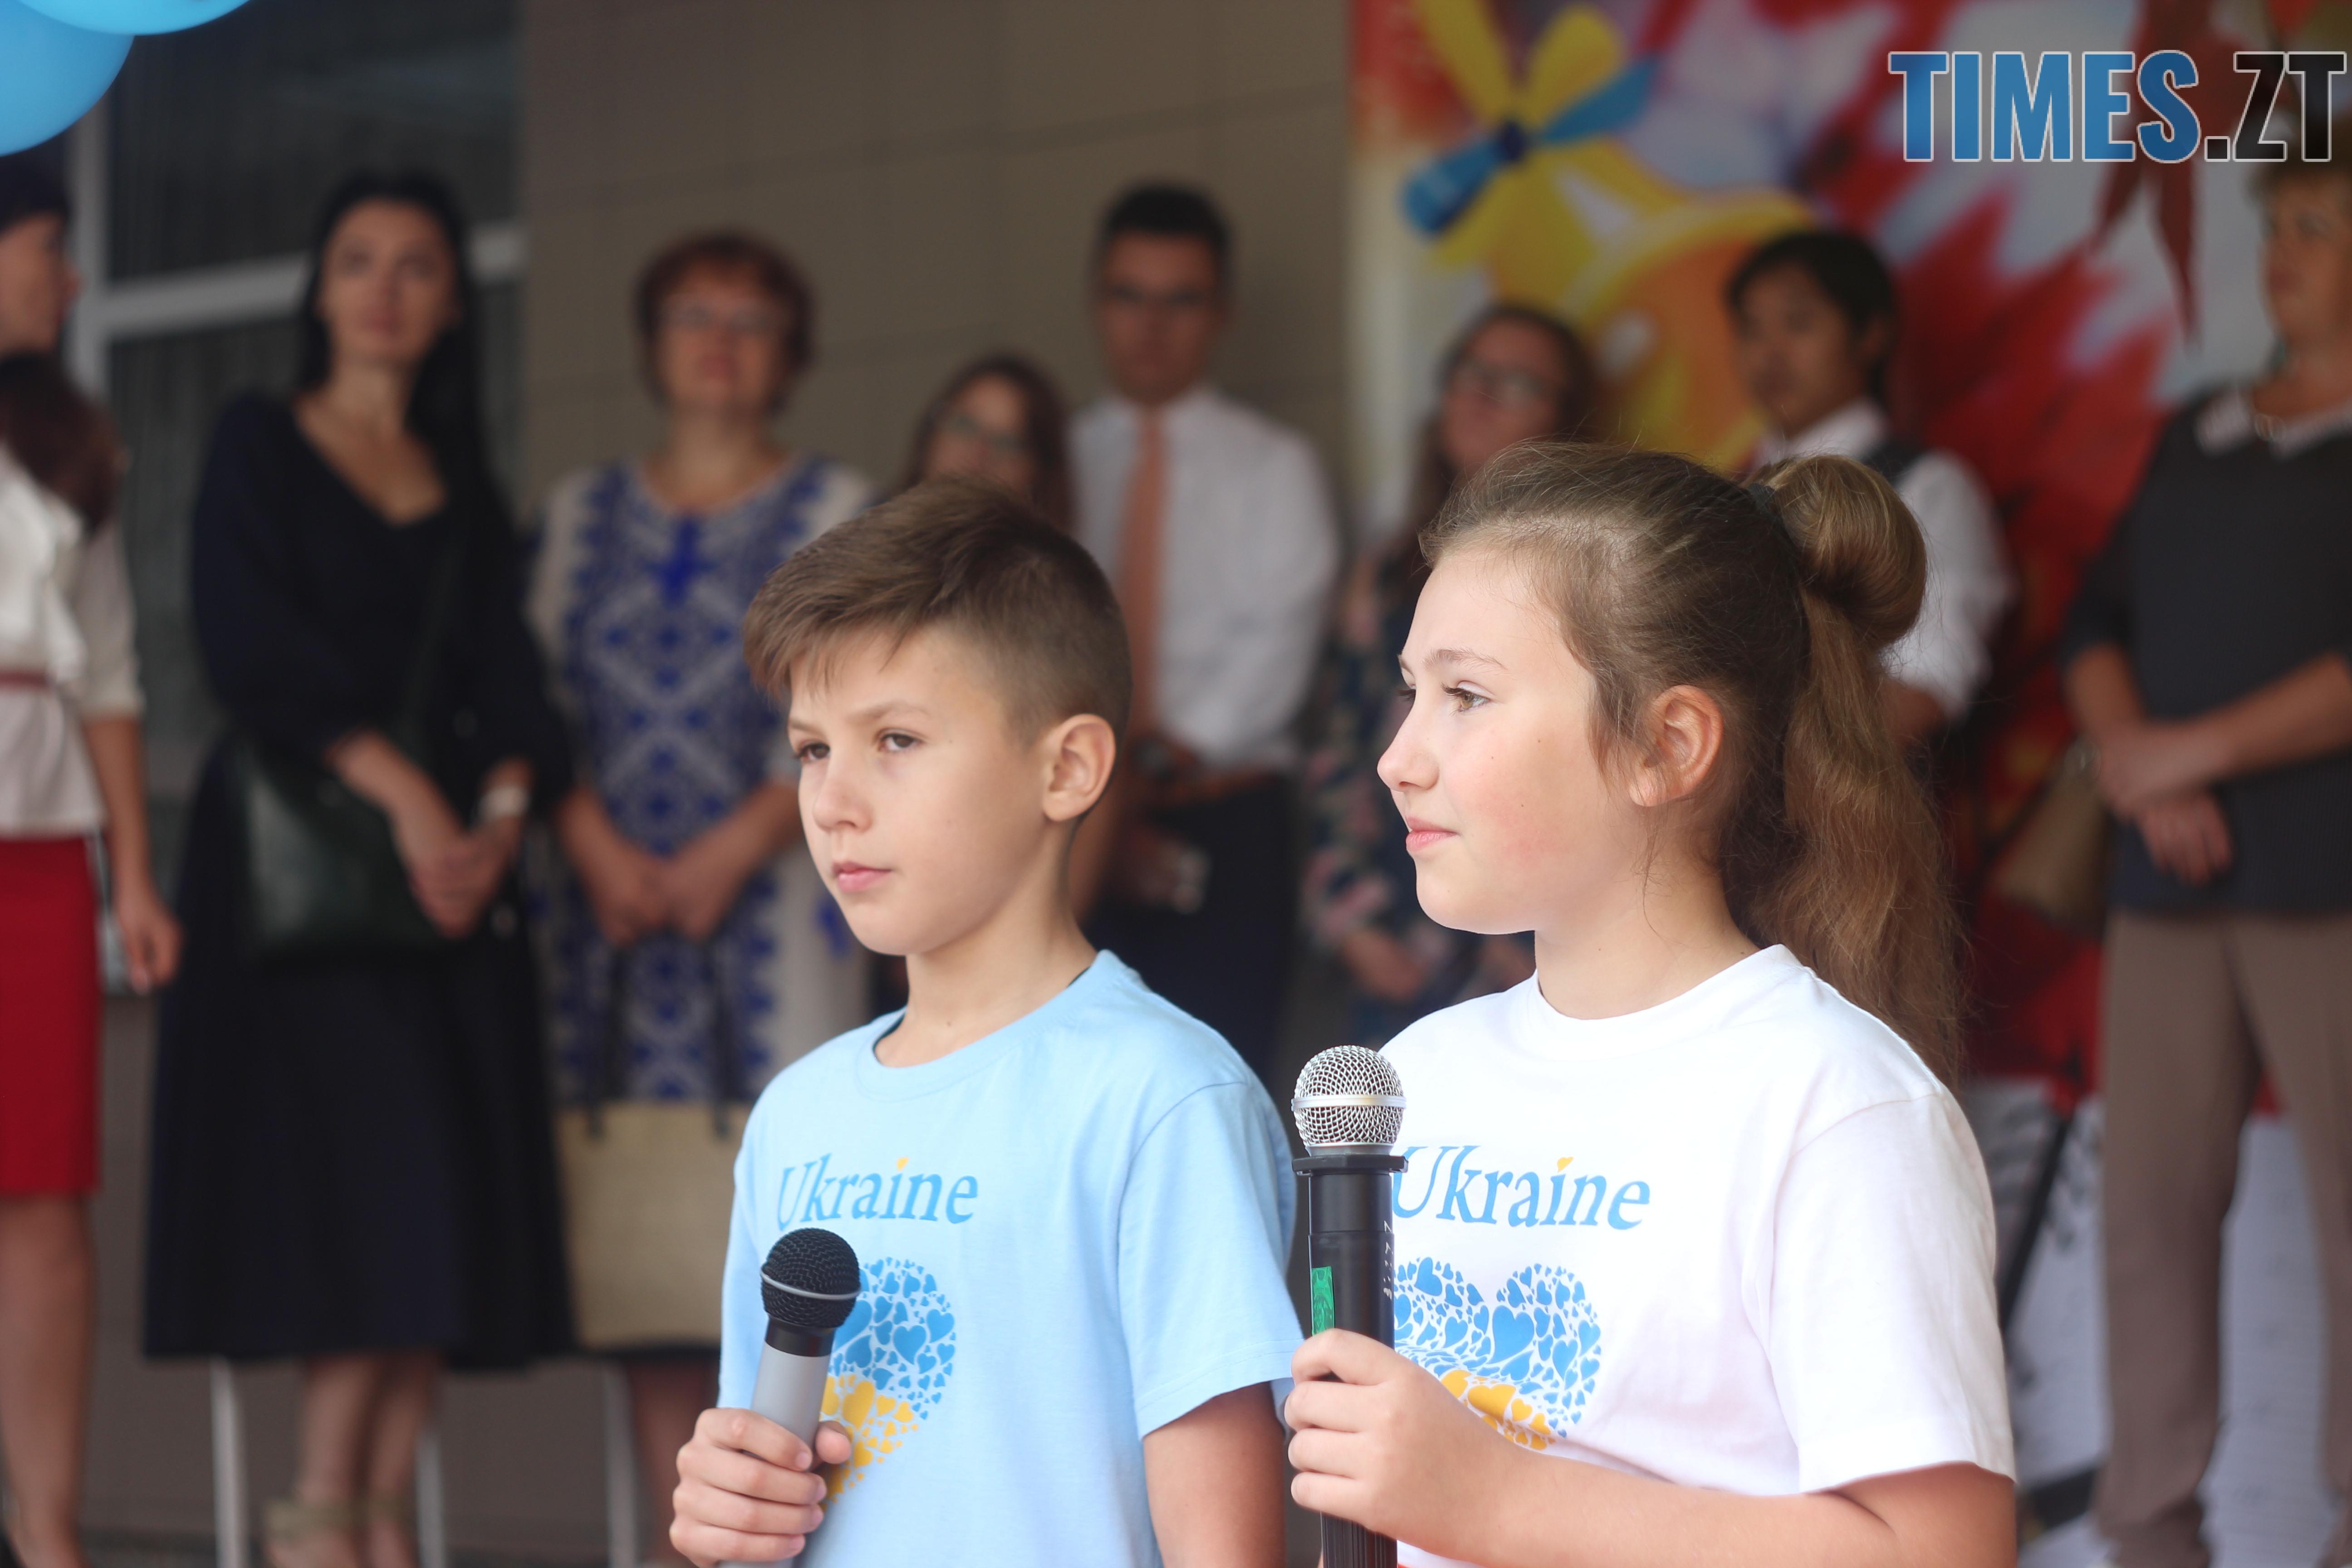 IMG 8763 - Майже 4 тисячі житомирських першокласників навчатимуться за системою Нової української школи (ФОТОРЕПОРТАЖ)